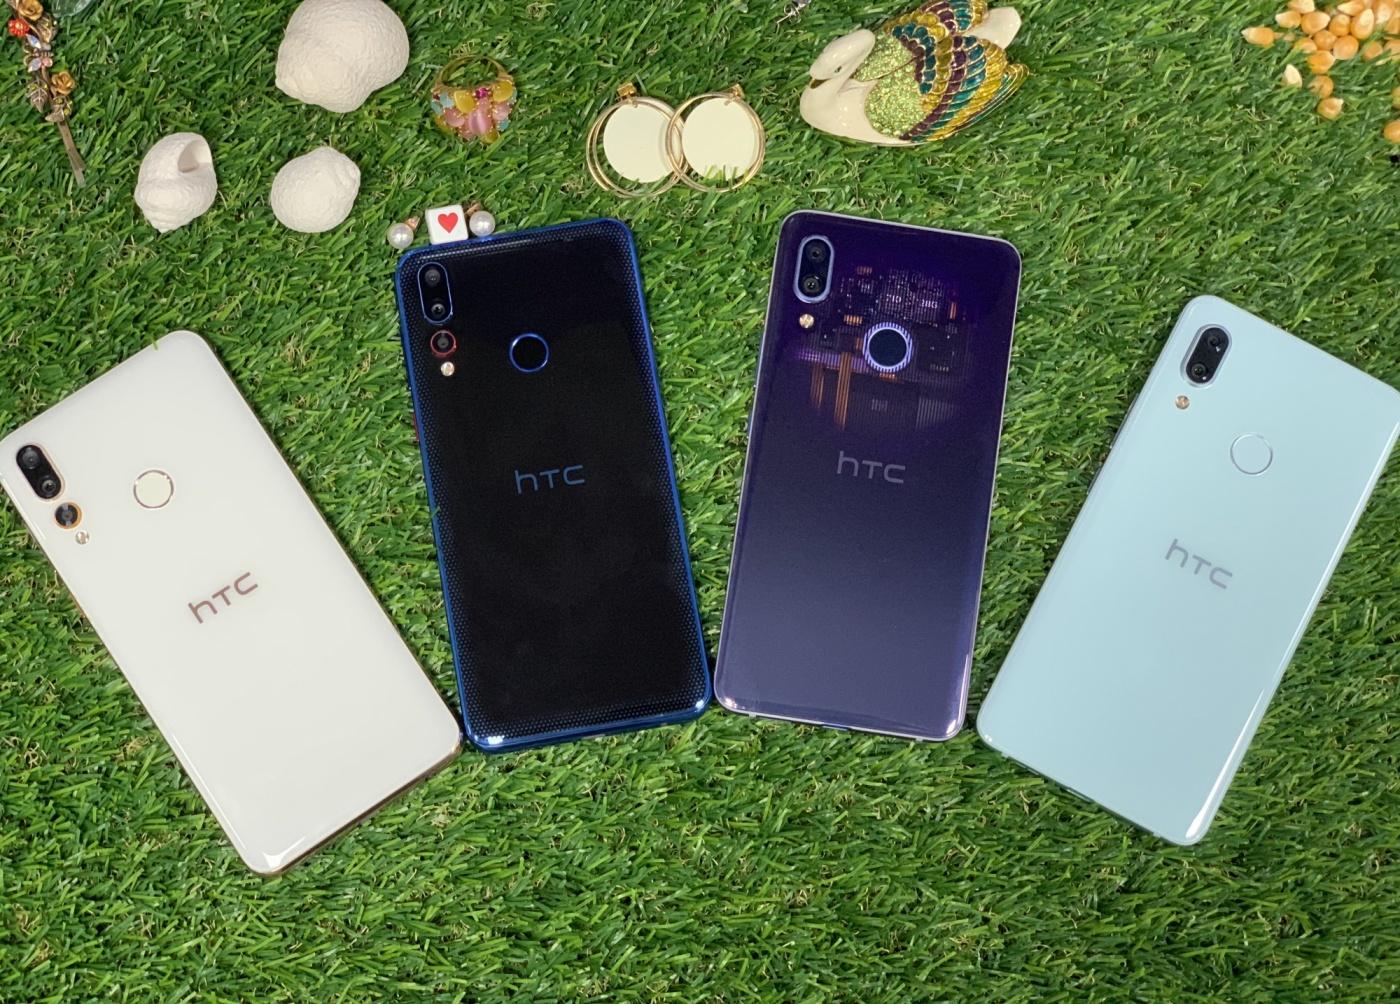 用兩支中階新機打破收攤傳言,HTC:現在推5G手機很尷尬